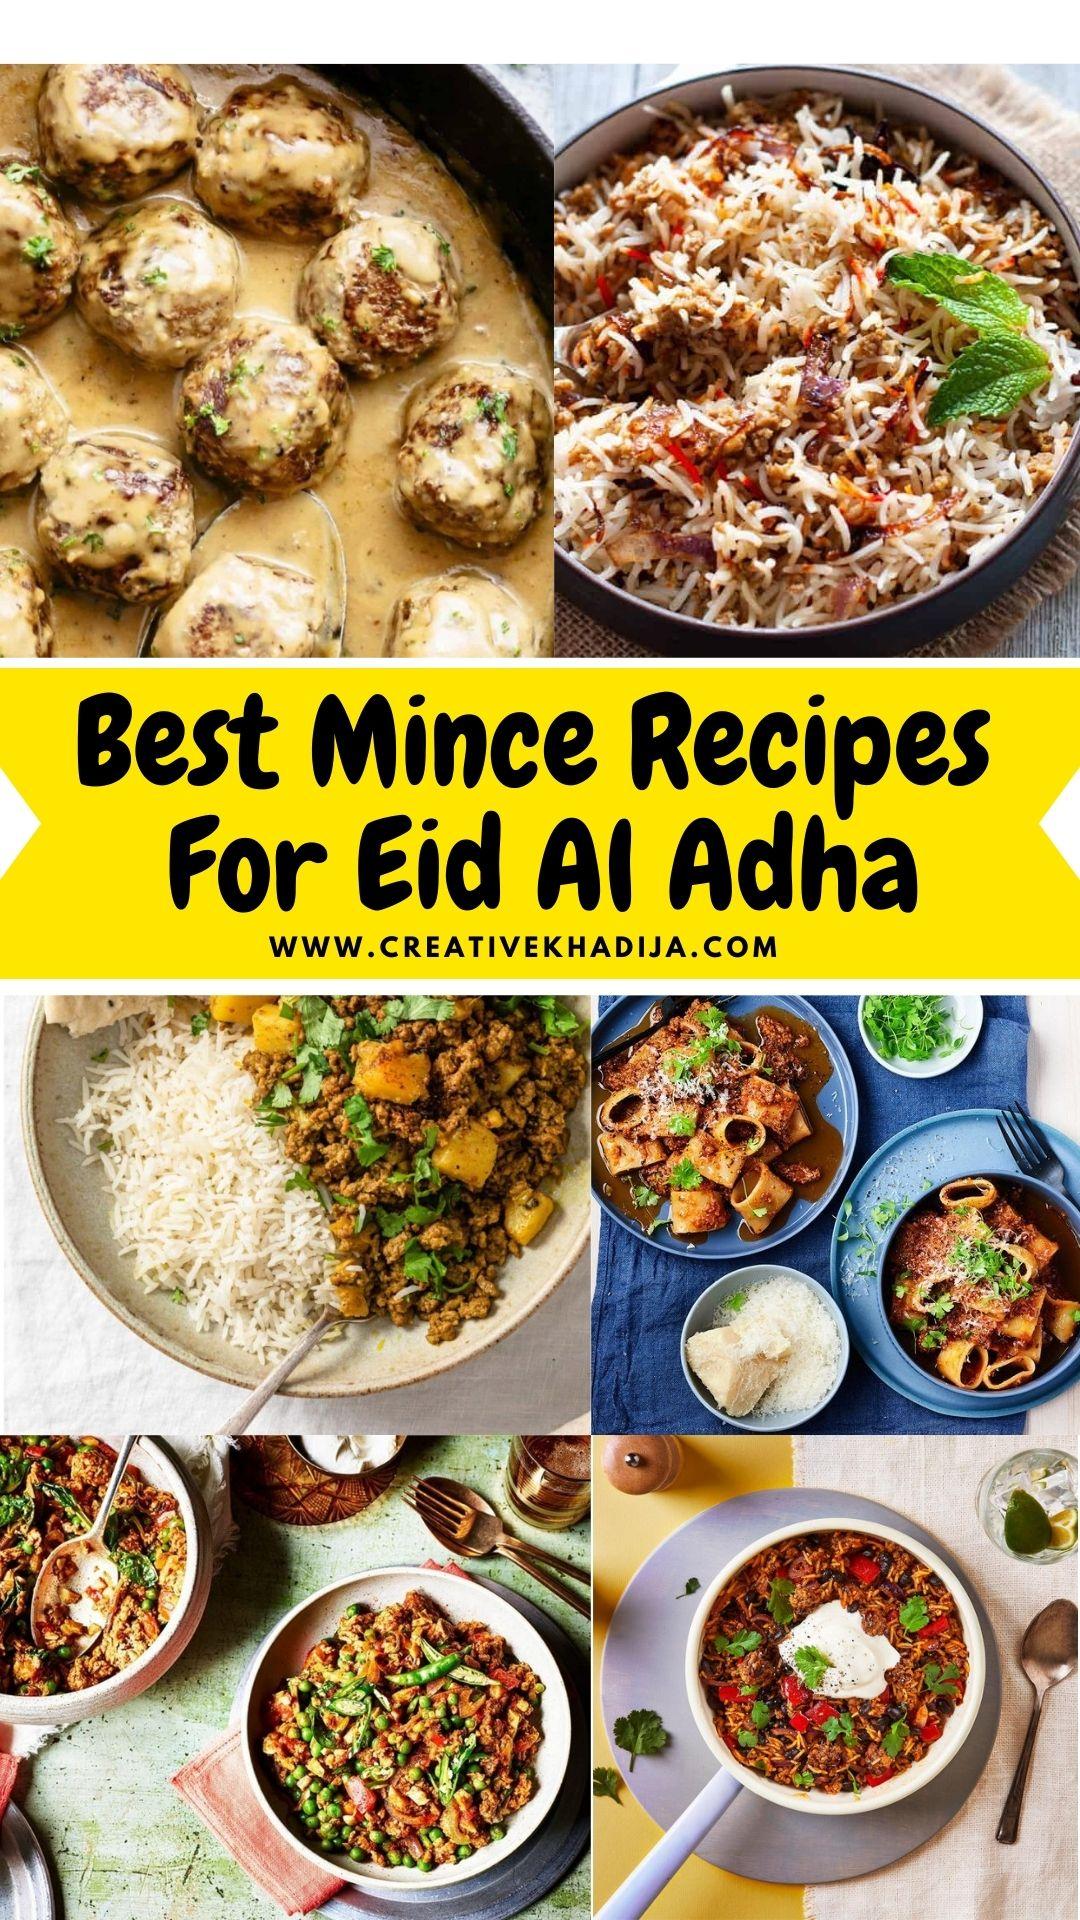 21 Best Mince Recipes Eid Al Adha 2021